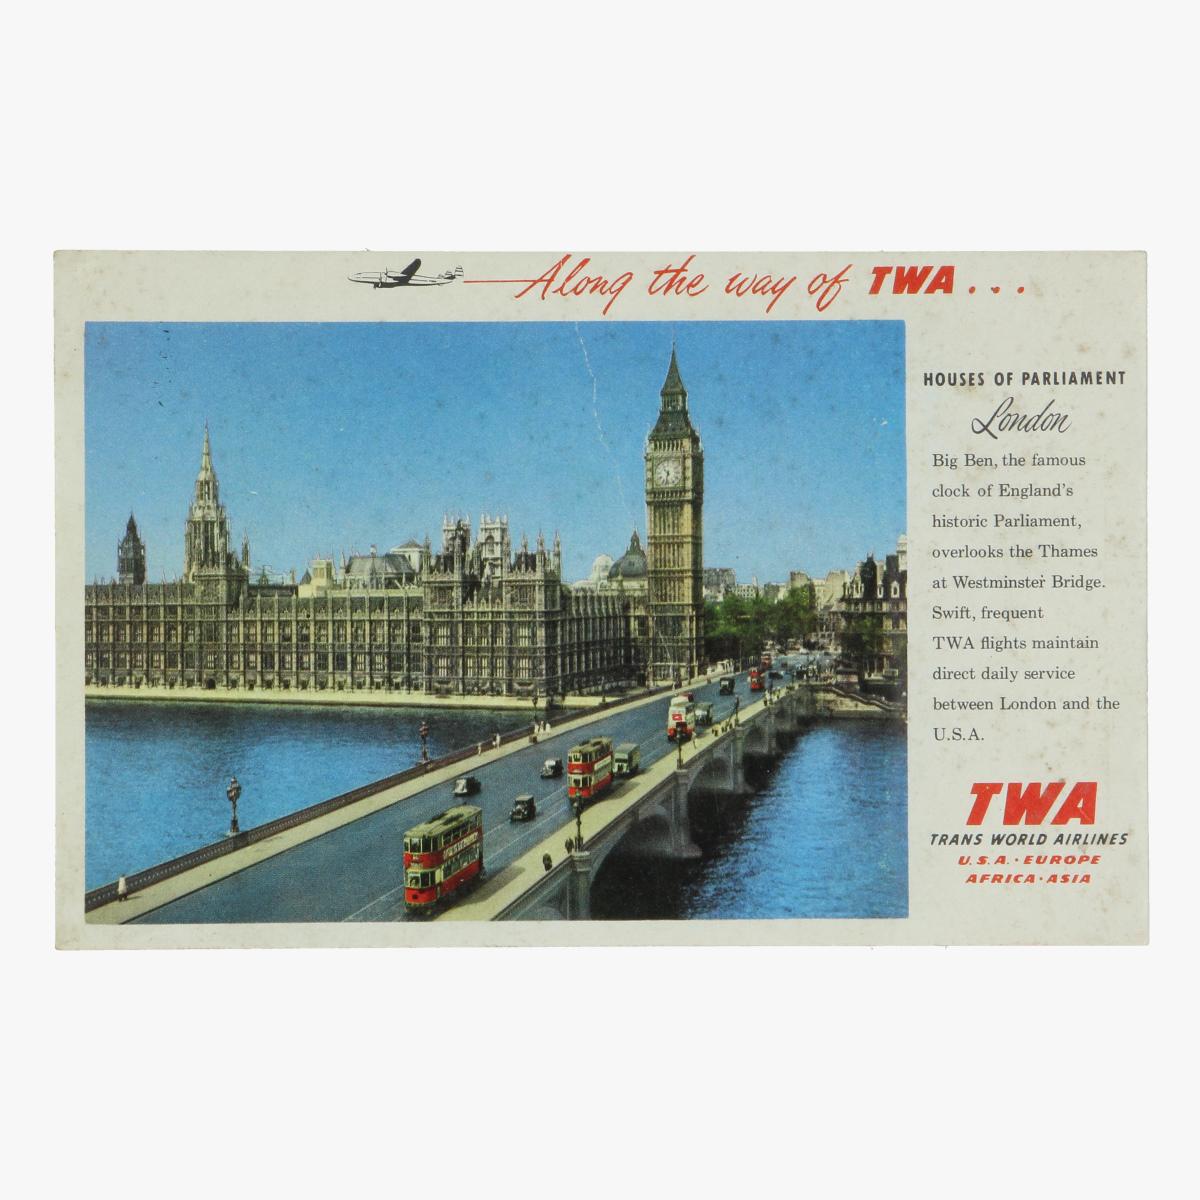 Afbeeldingen van reclame fleyer along the way of twa - trans world airlines - london